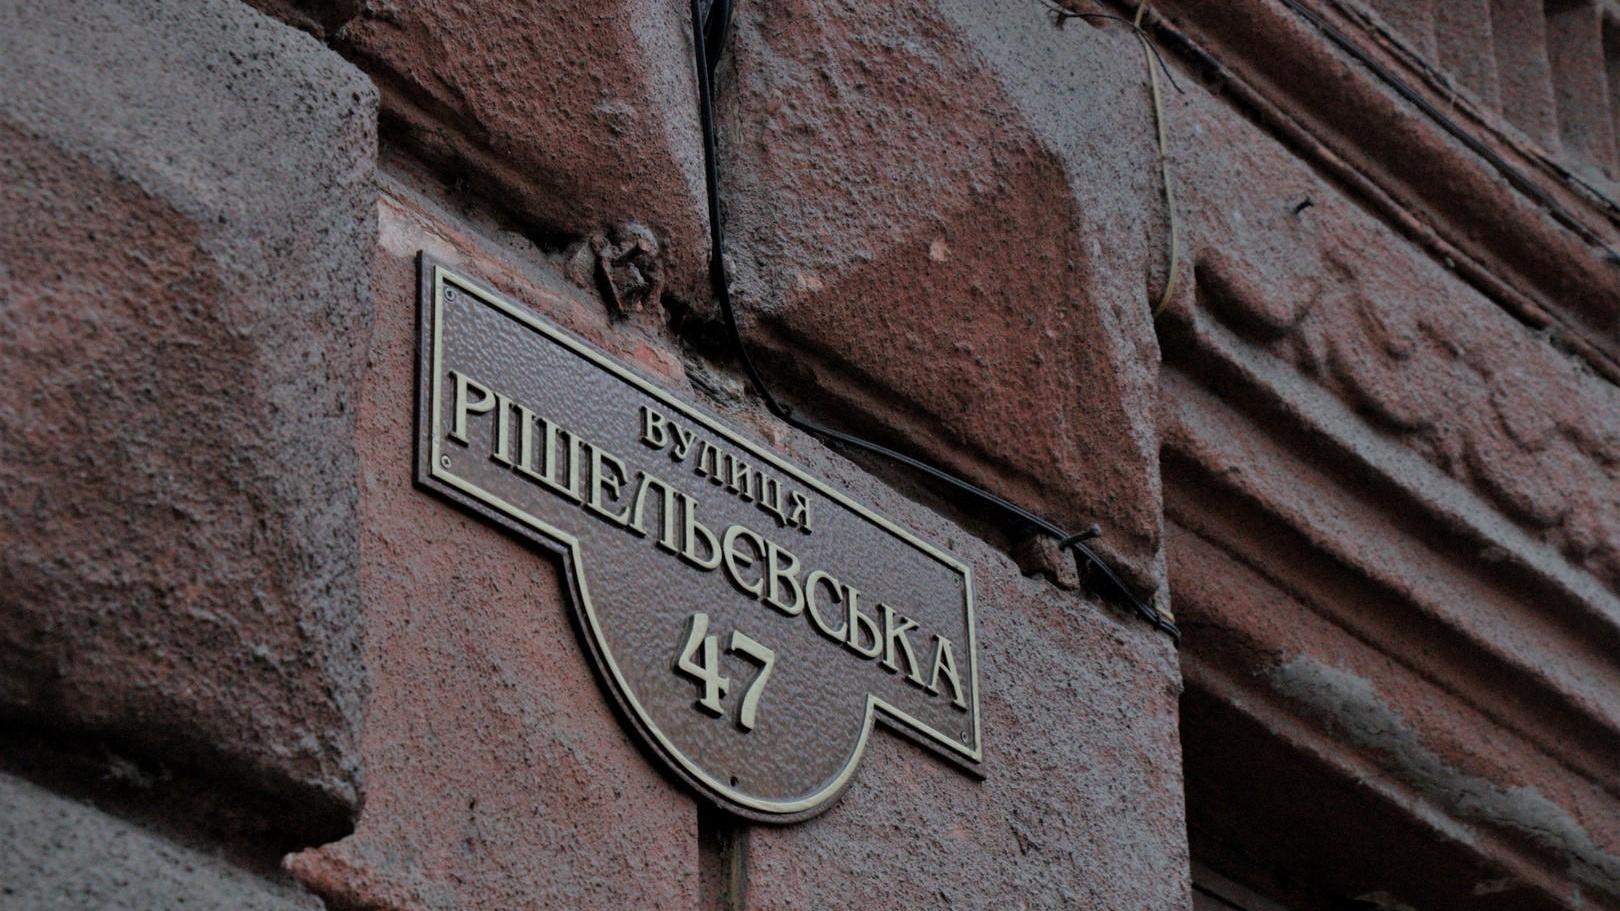 2_rishelevska_47_49-Cropped.jpg